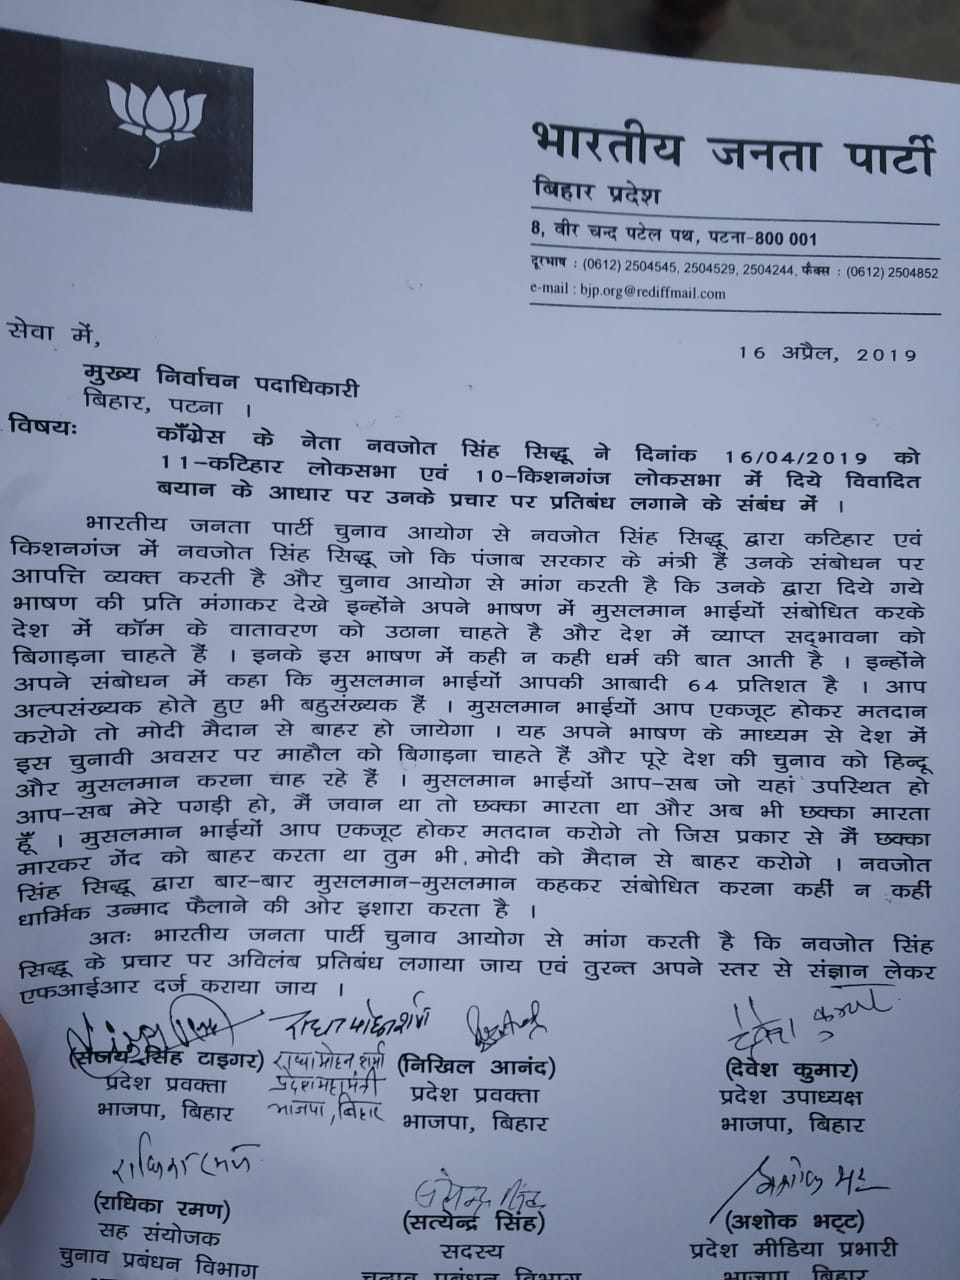 congress leader navjot singh sidhu vote appeals to muslim voters in bihar for lok sabha elections, मुस्लिमों को लेकर सिद्धू के बयान पर सख्त हुआ EC, मांगी सीडी